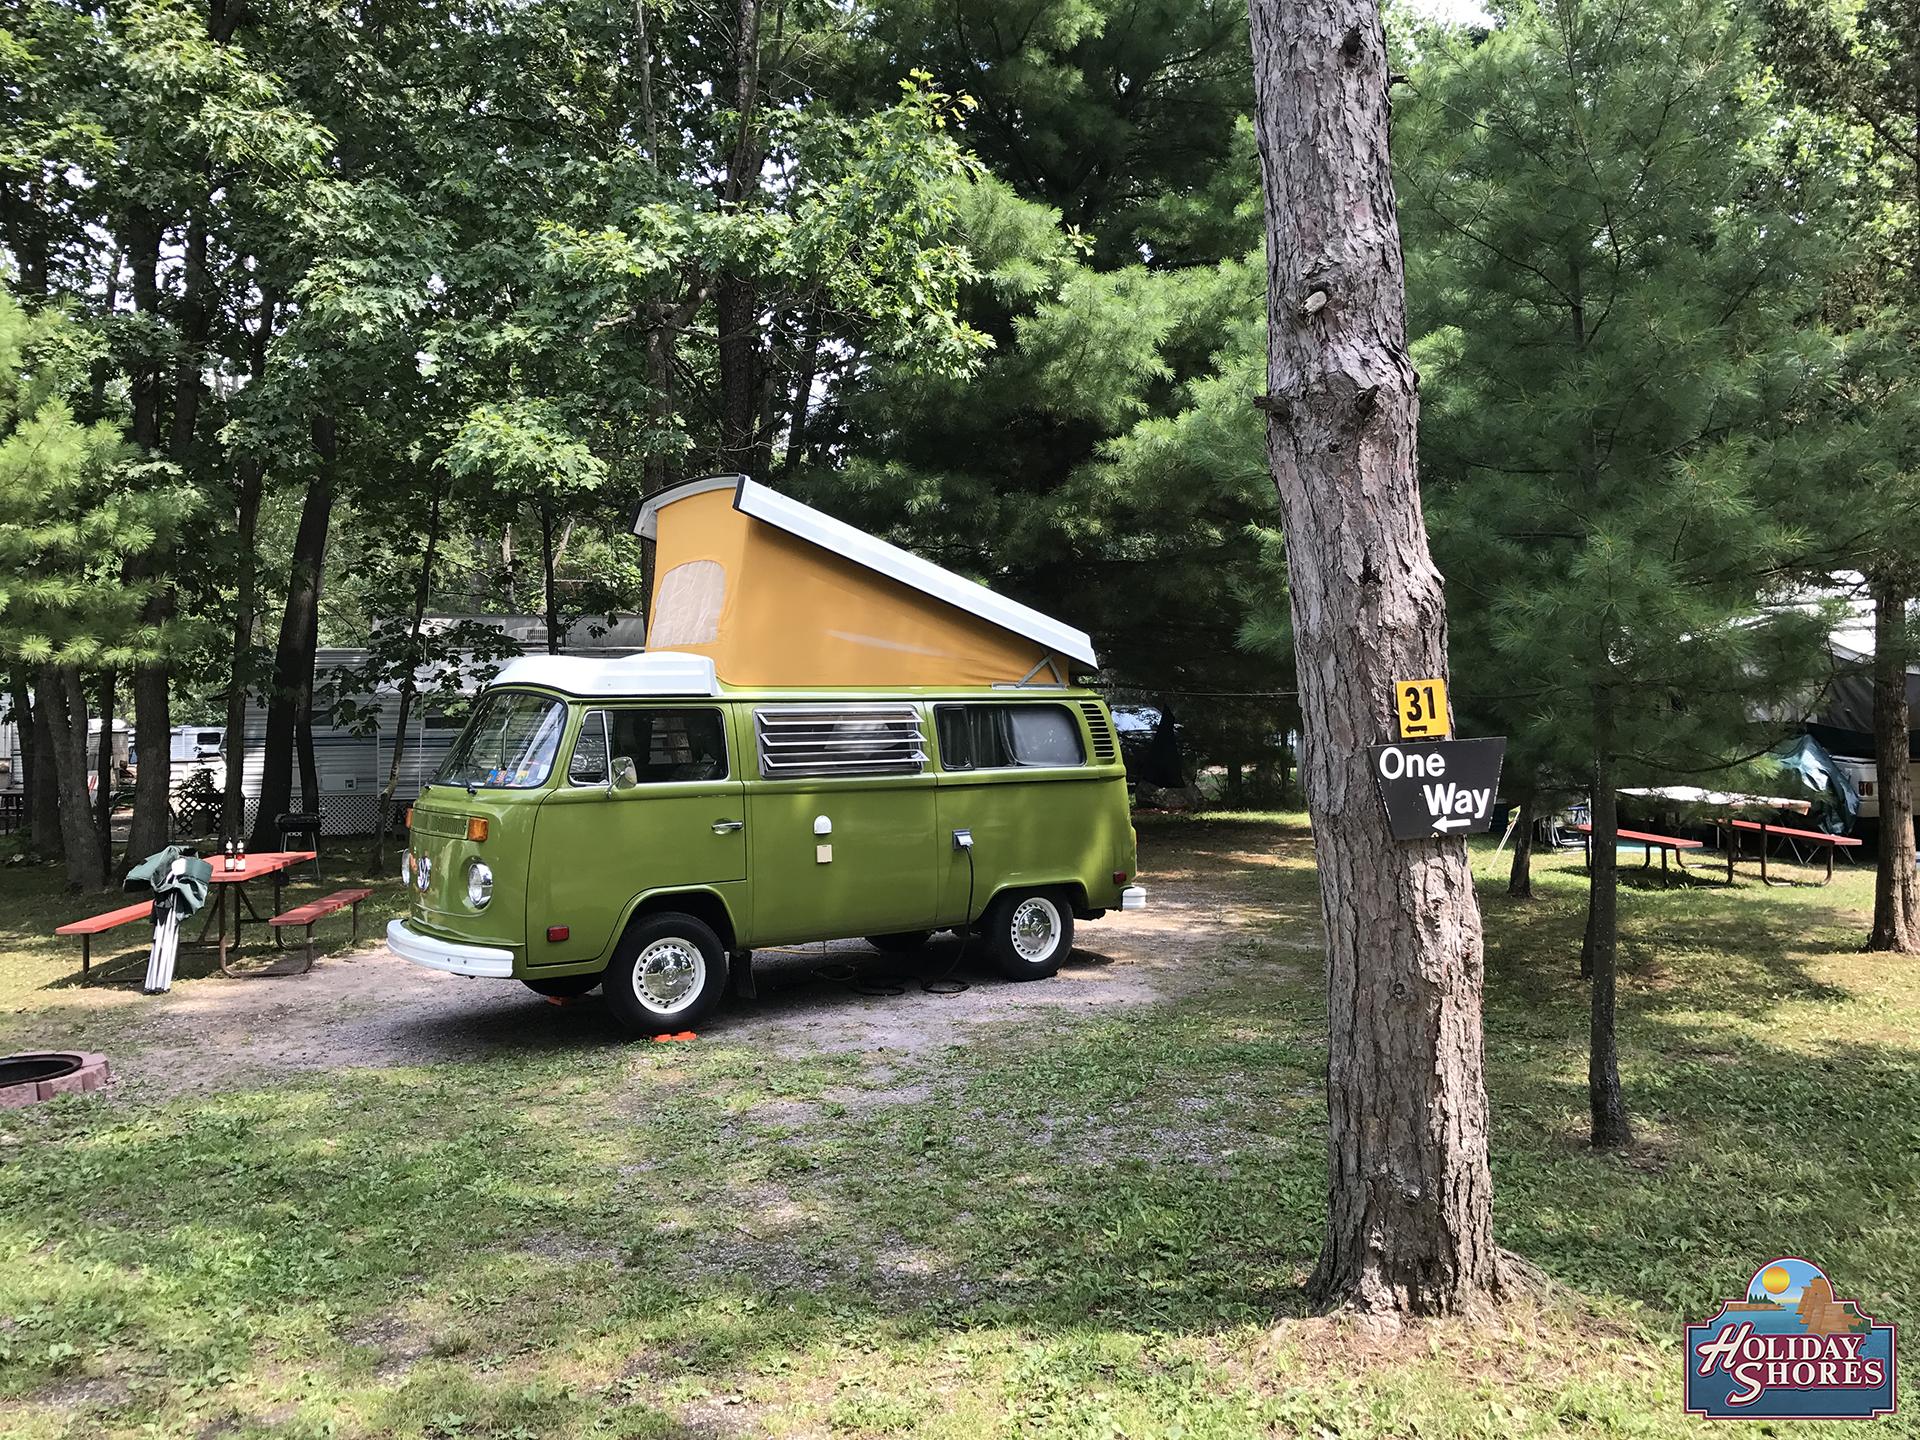 Holiday Shores Non River Campsite 3